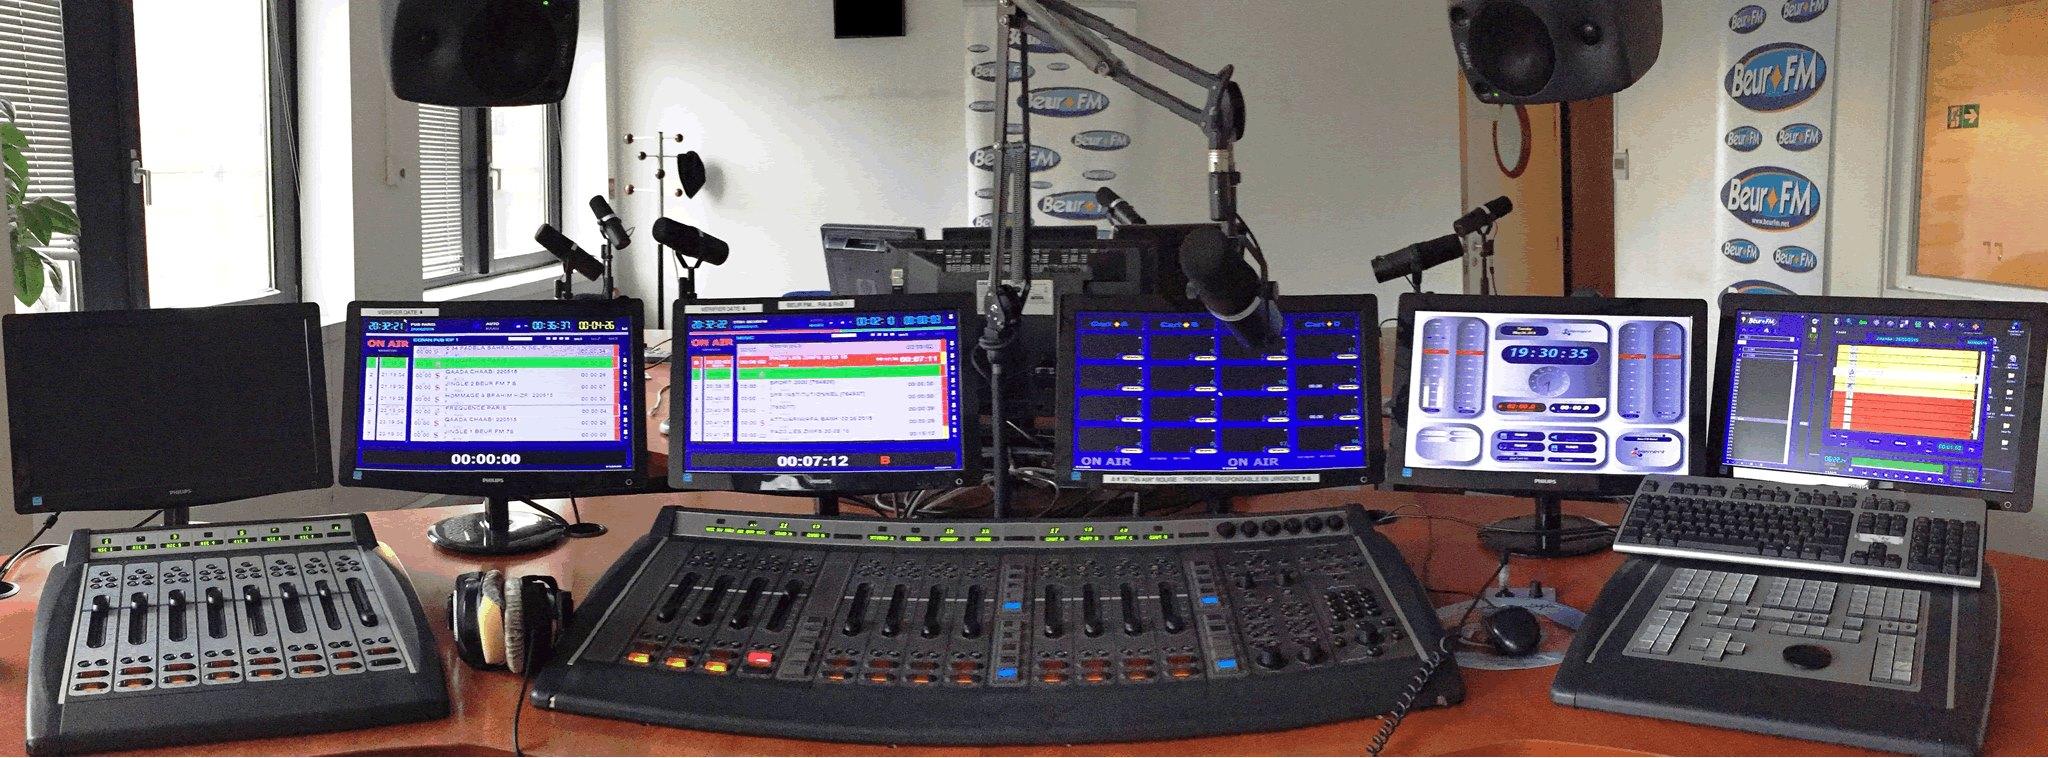 Beur FM enregistre ses meilleures audiences depuis 5 ans